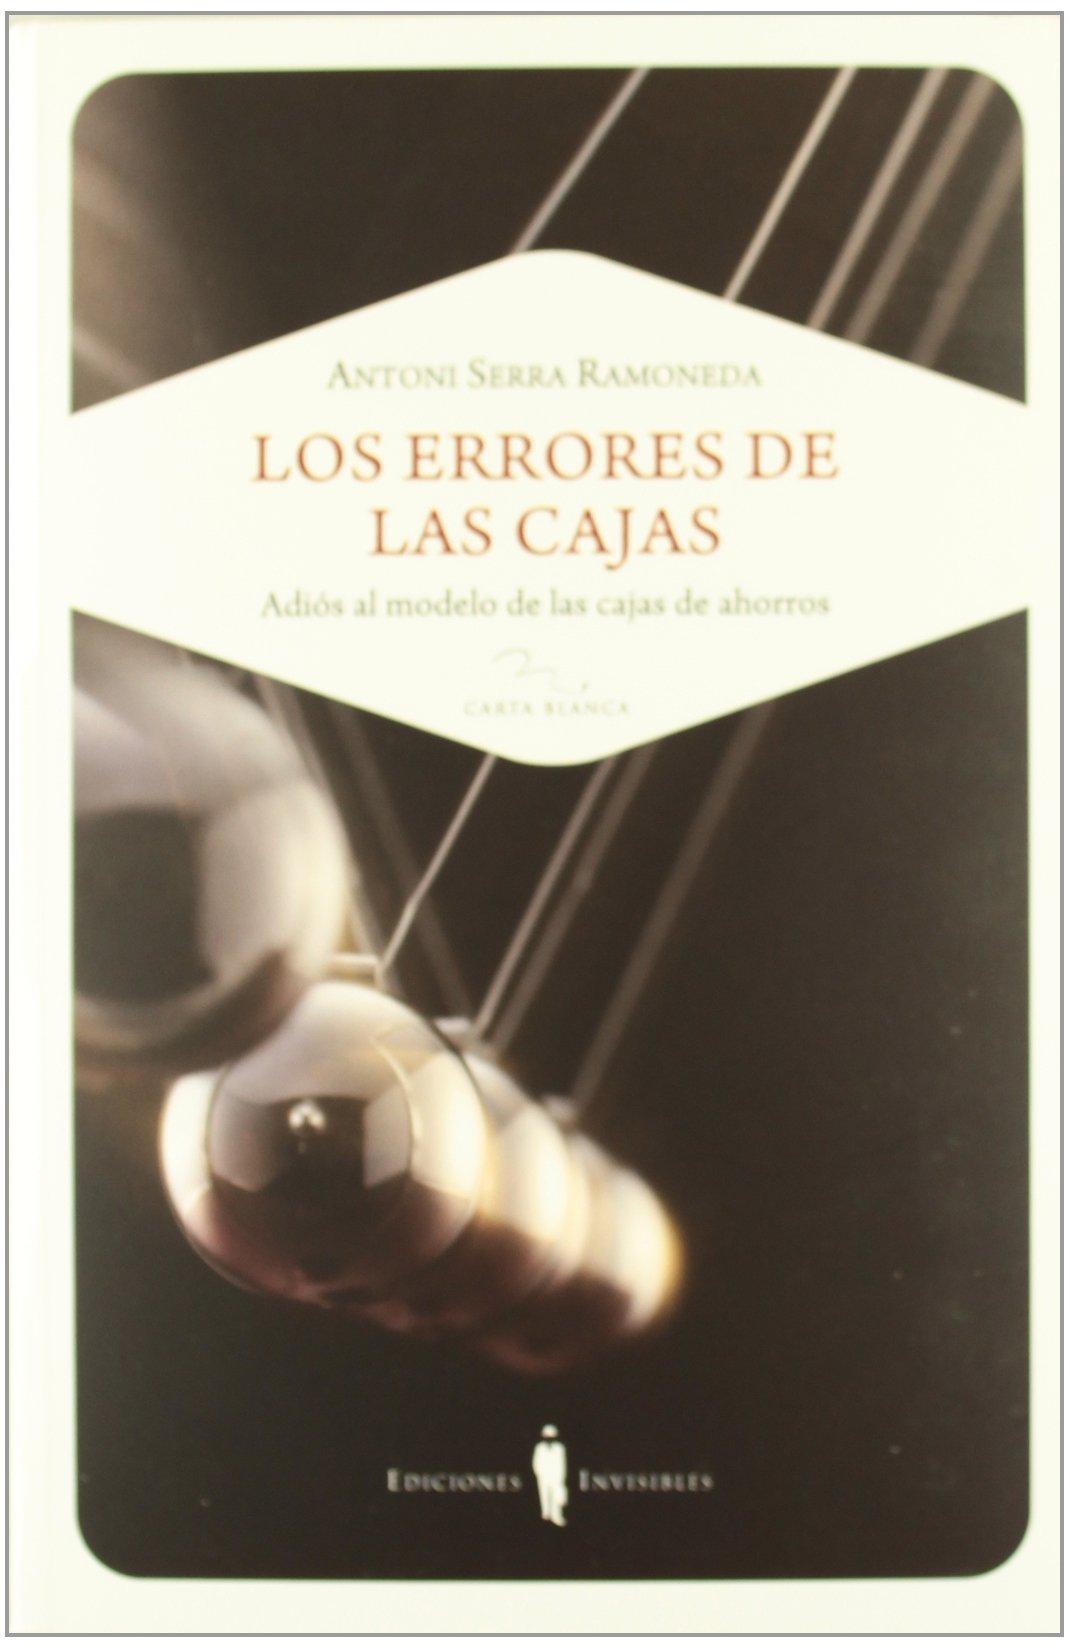 LOS ERRORES EN LAS CAJAS(9788493910648) (Spanish) Paperback – January 1, 1900